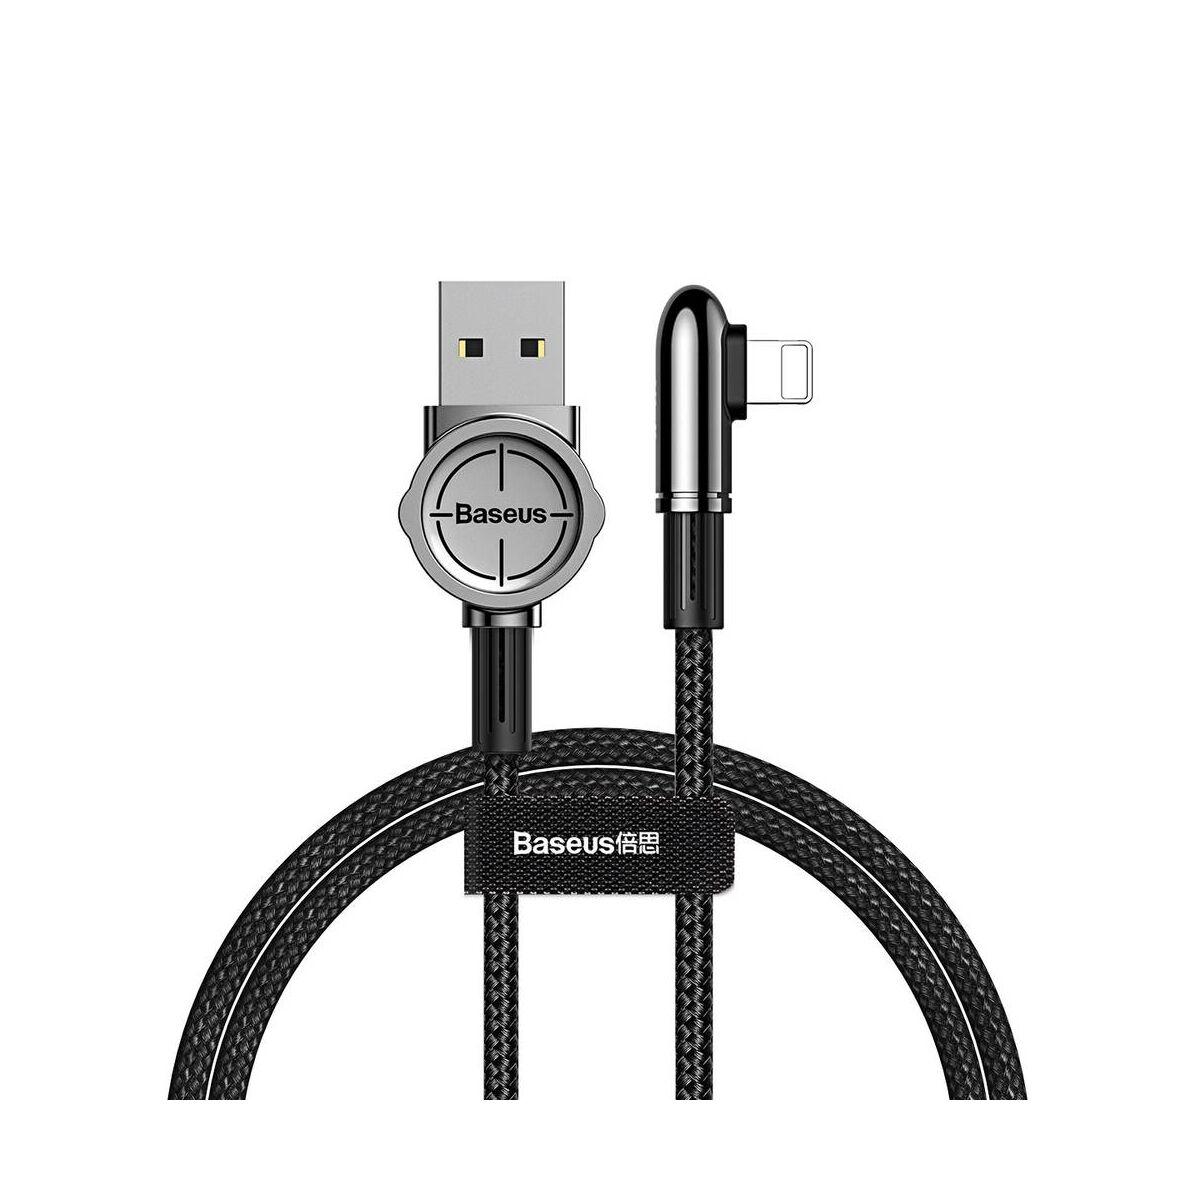 Baseus Lightning kábel, Exciting Mobile Game, lekerekített L-alakú csatlakozó, 2.4A, 1m, fekete (CALCJ-A01)